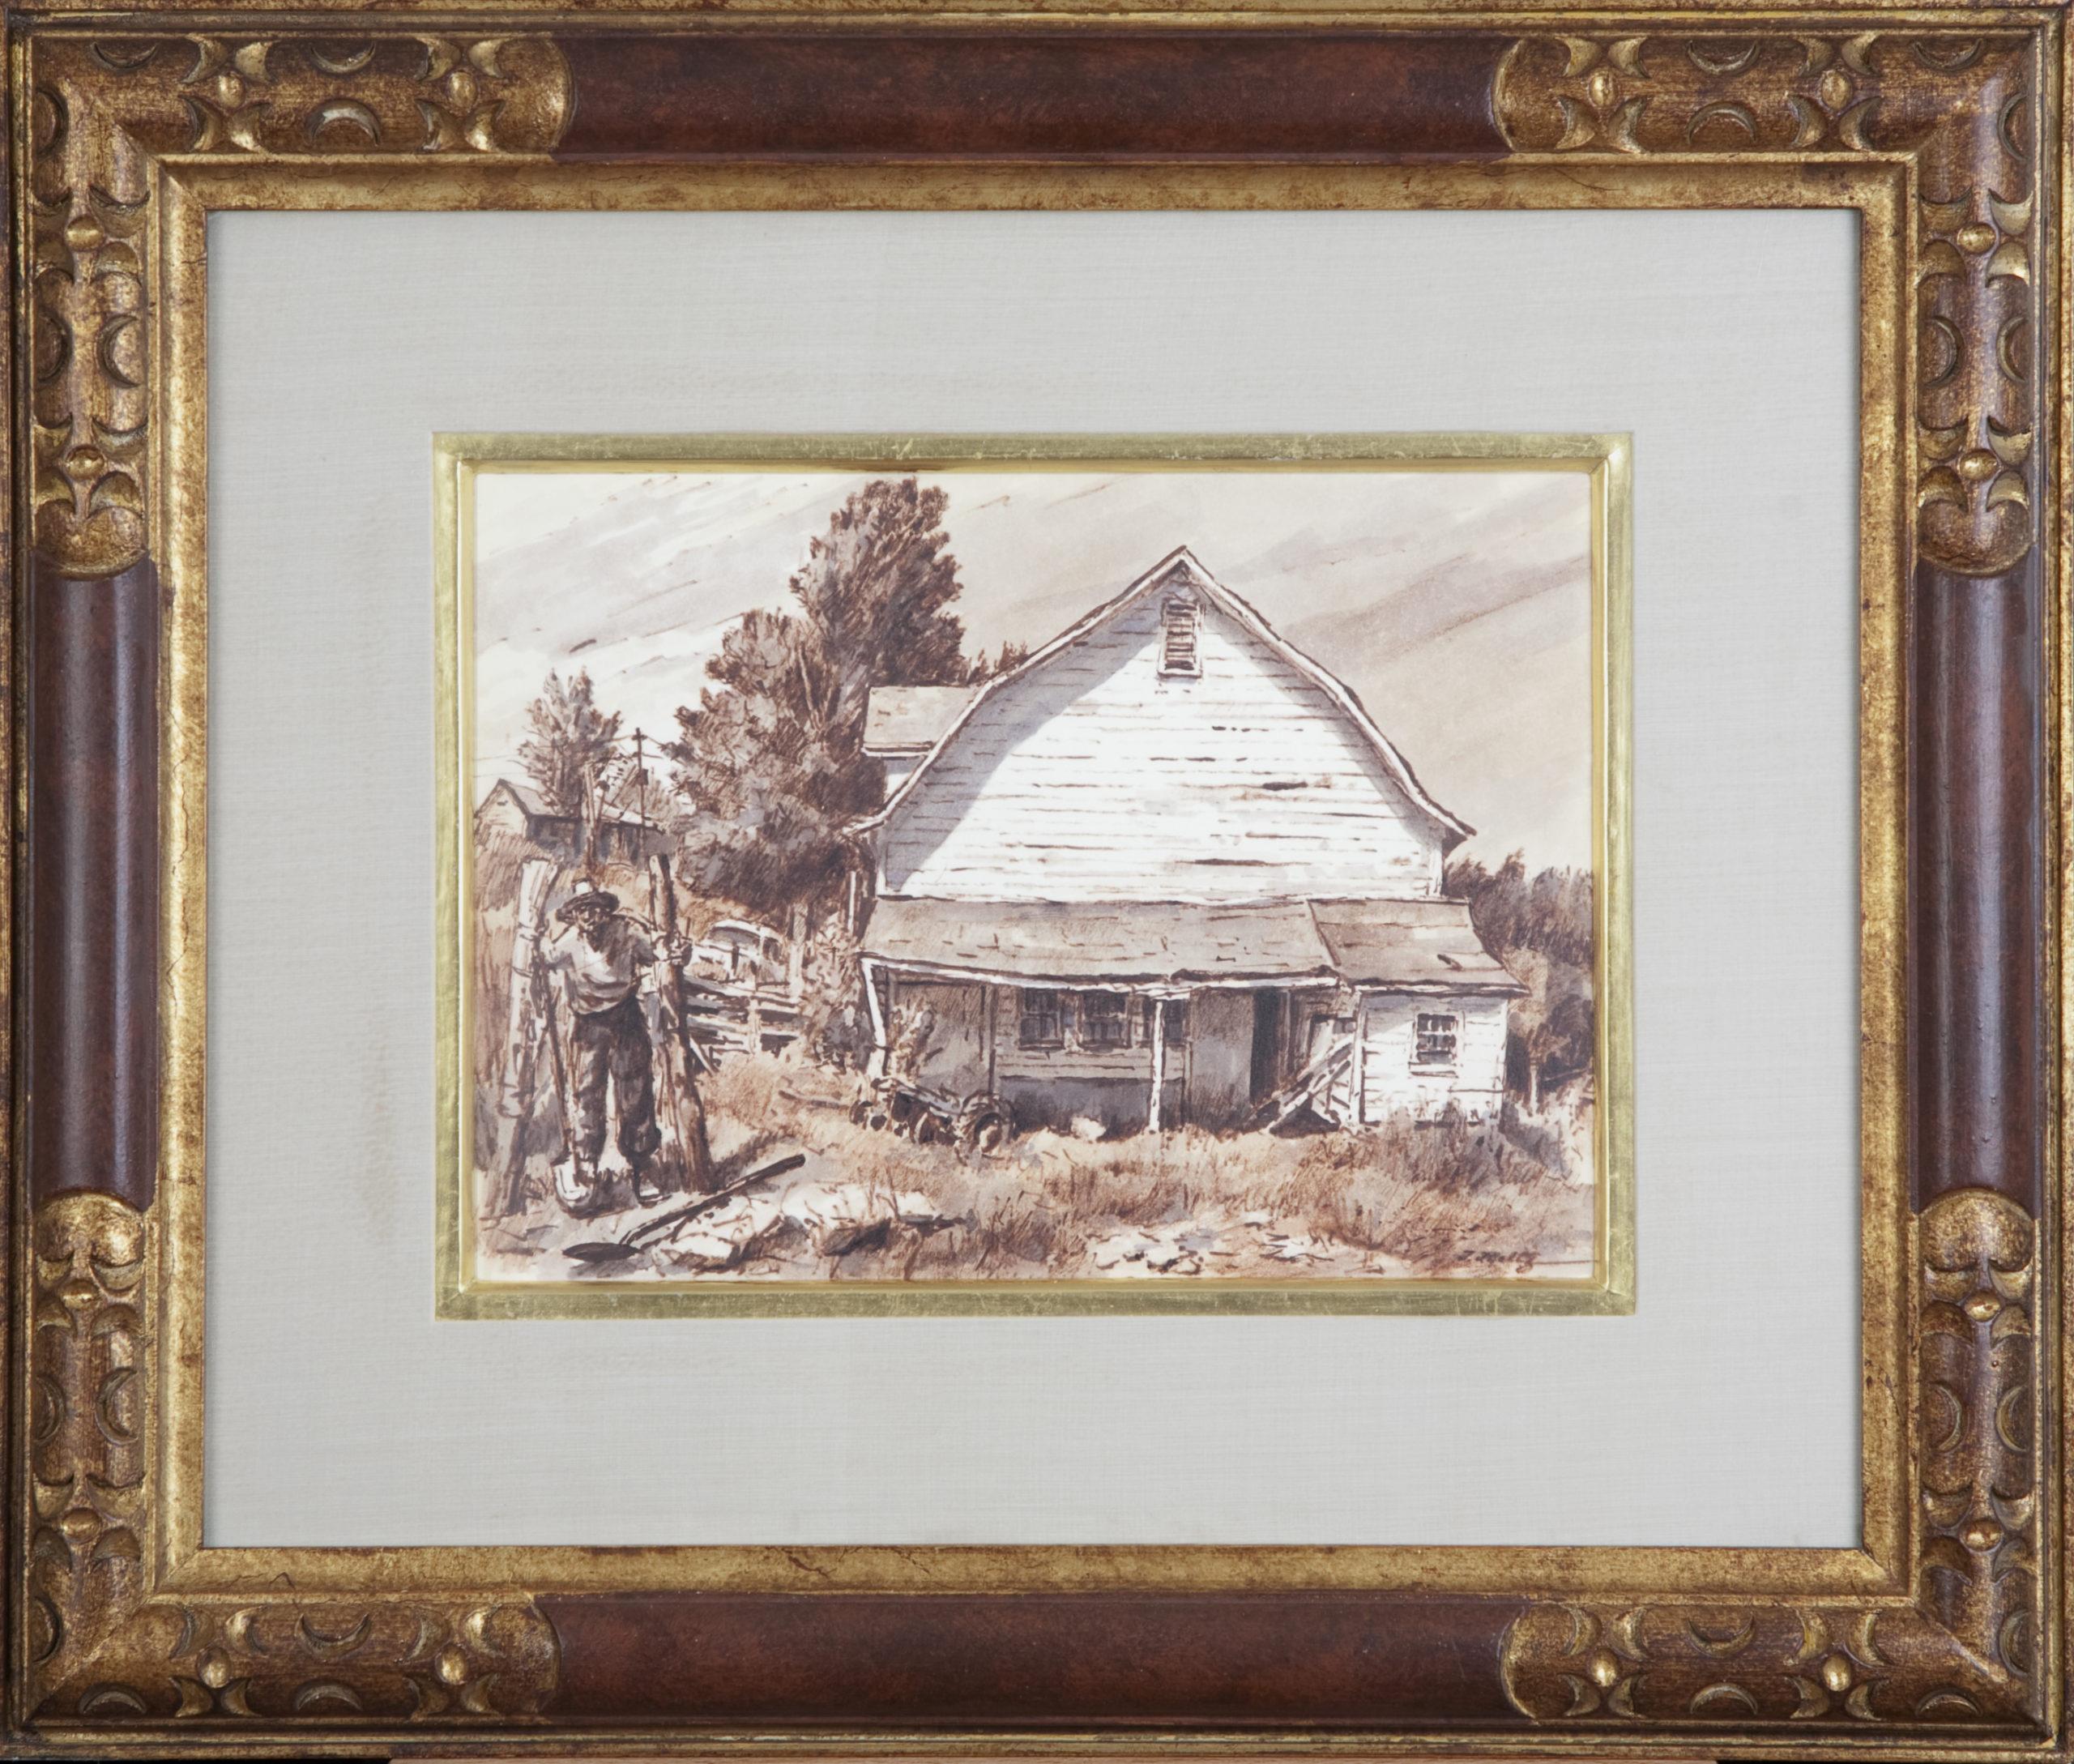 162 Sams Barn 1970 - Marker - 12 x 8.75 - Frame: 22 x 18.5 x 1.25